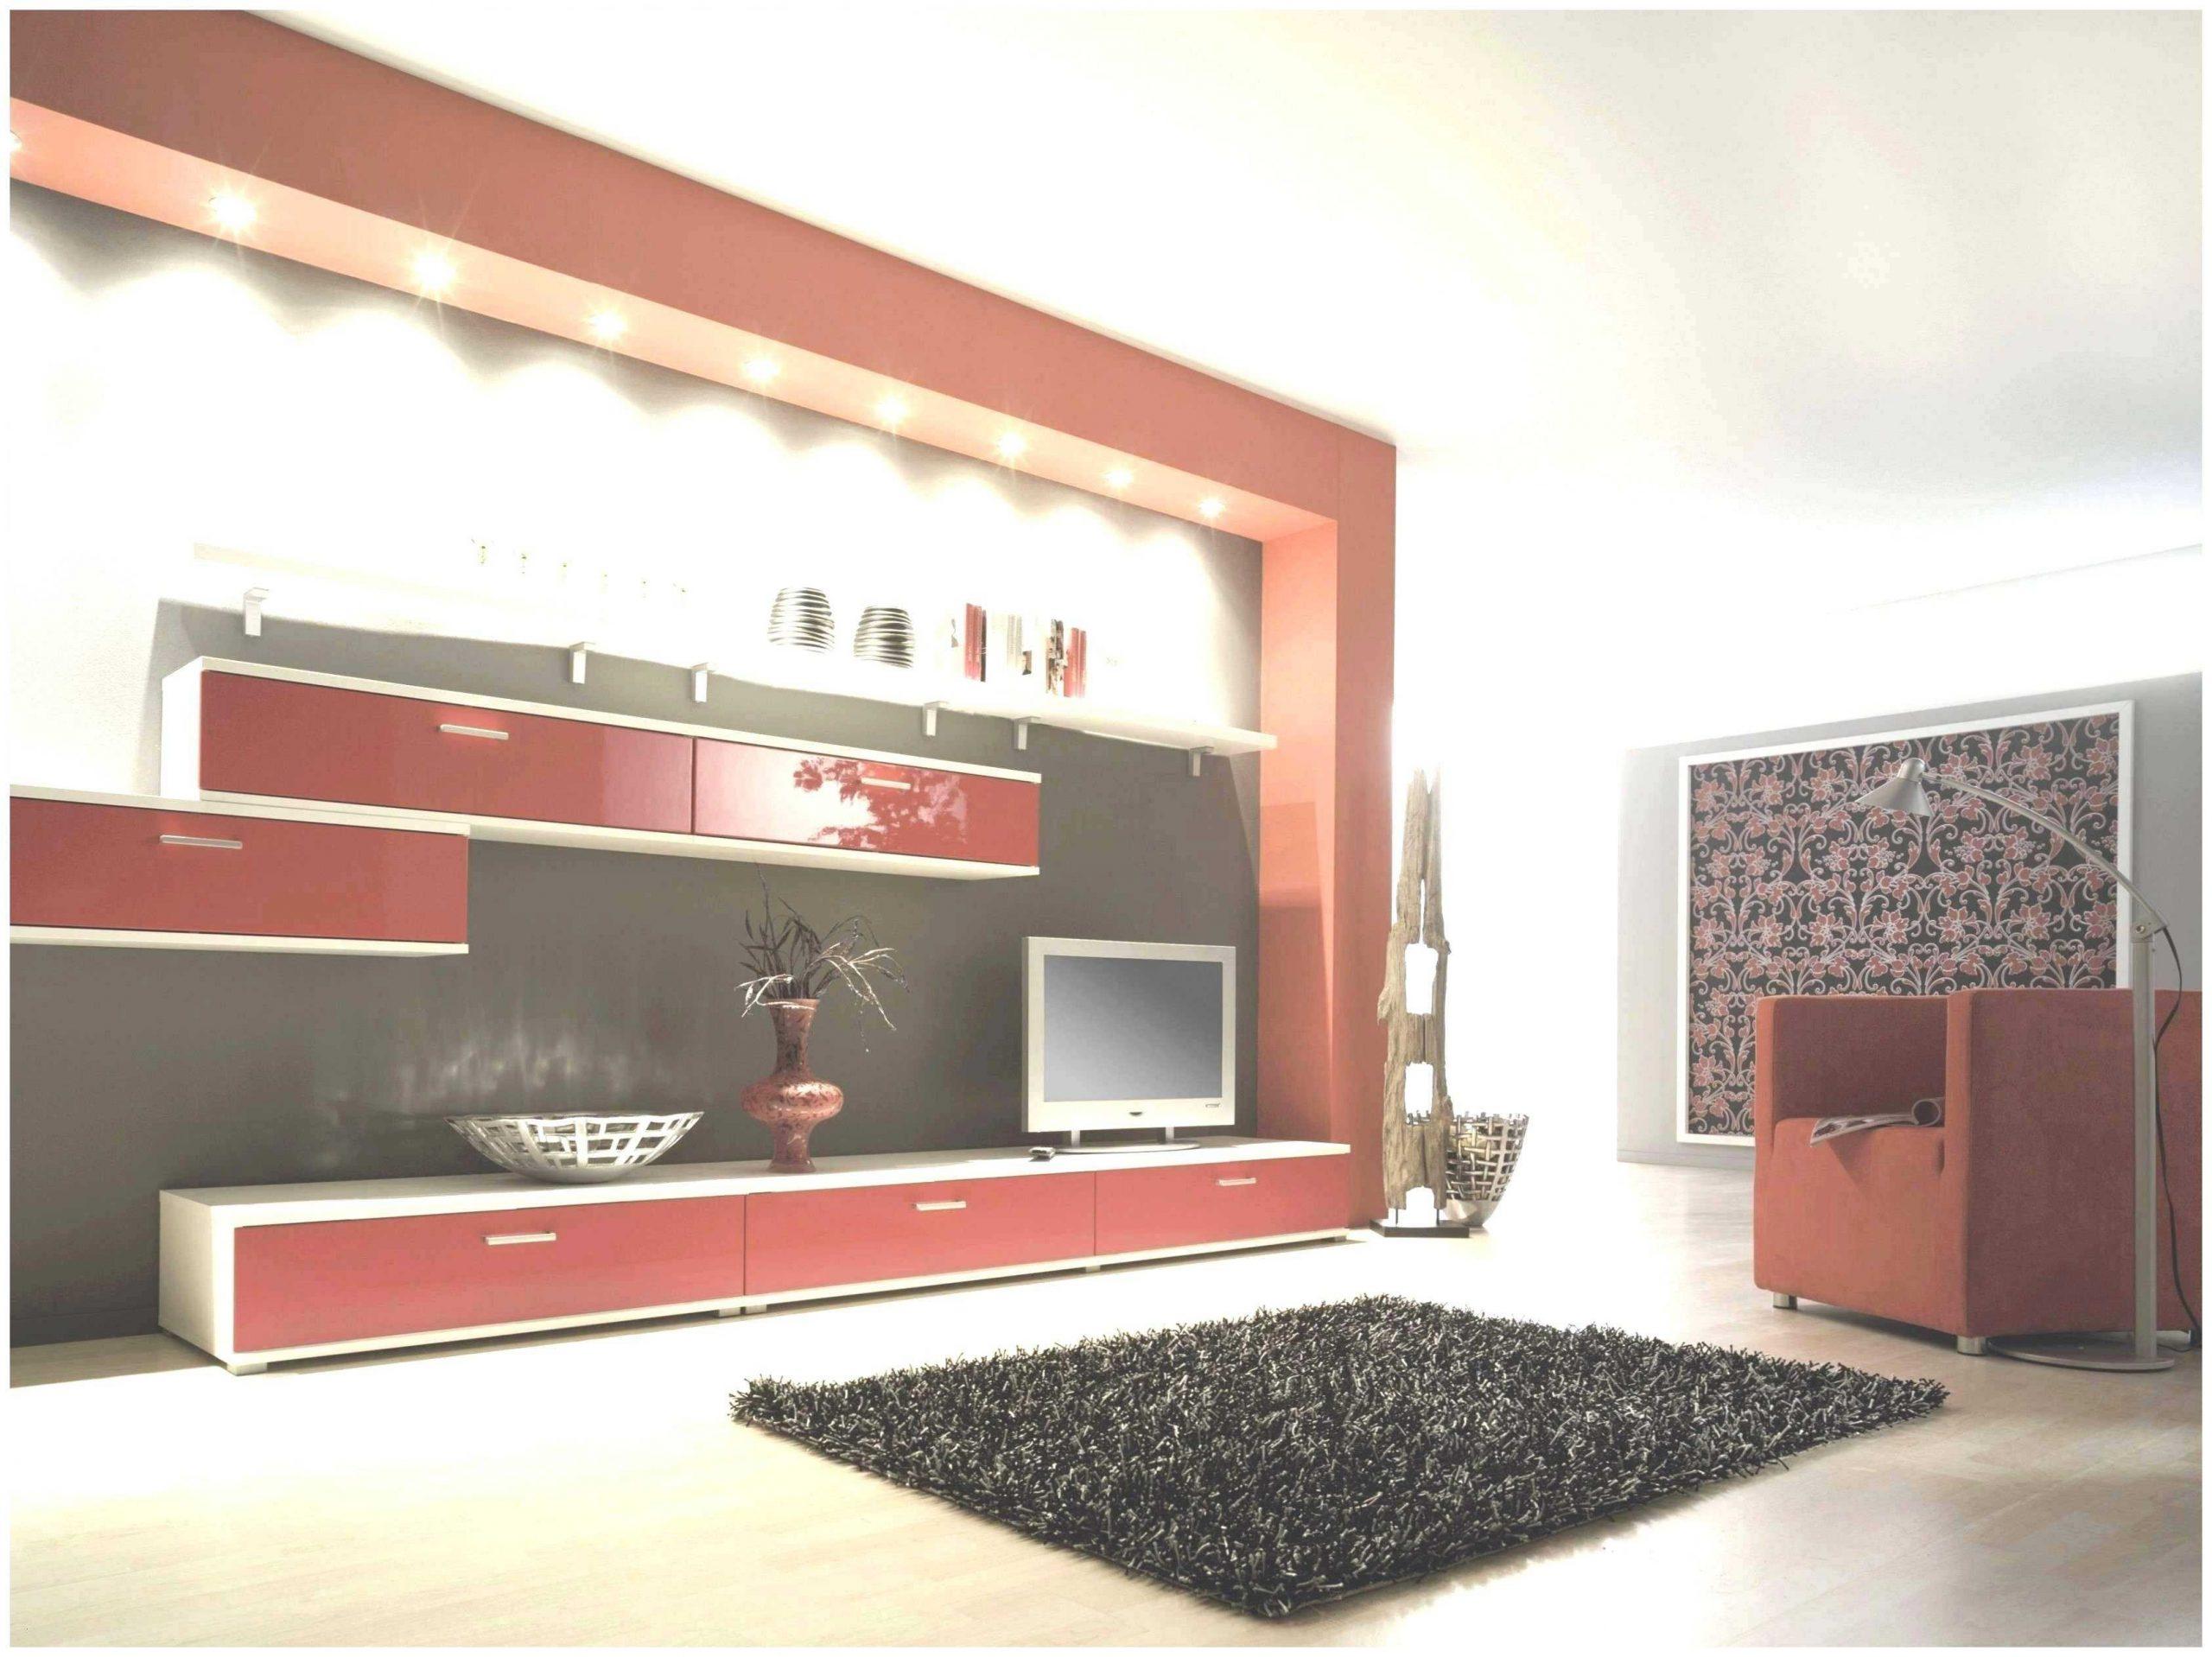 Full Size of Gardinen Vorhnge Ikea Alvine Spets Gardinenstore 300x145cm Küche Kosten Vorhänge Schlafzimmer Wohnzimmer Betten 160x200 Kaufen Miniküche Bei Sofa Mit Wohnzimmer Vorhänge Ikea